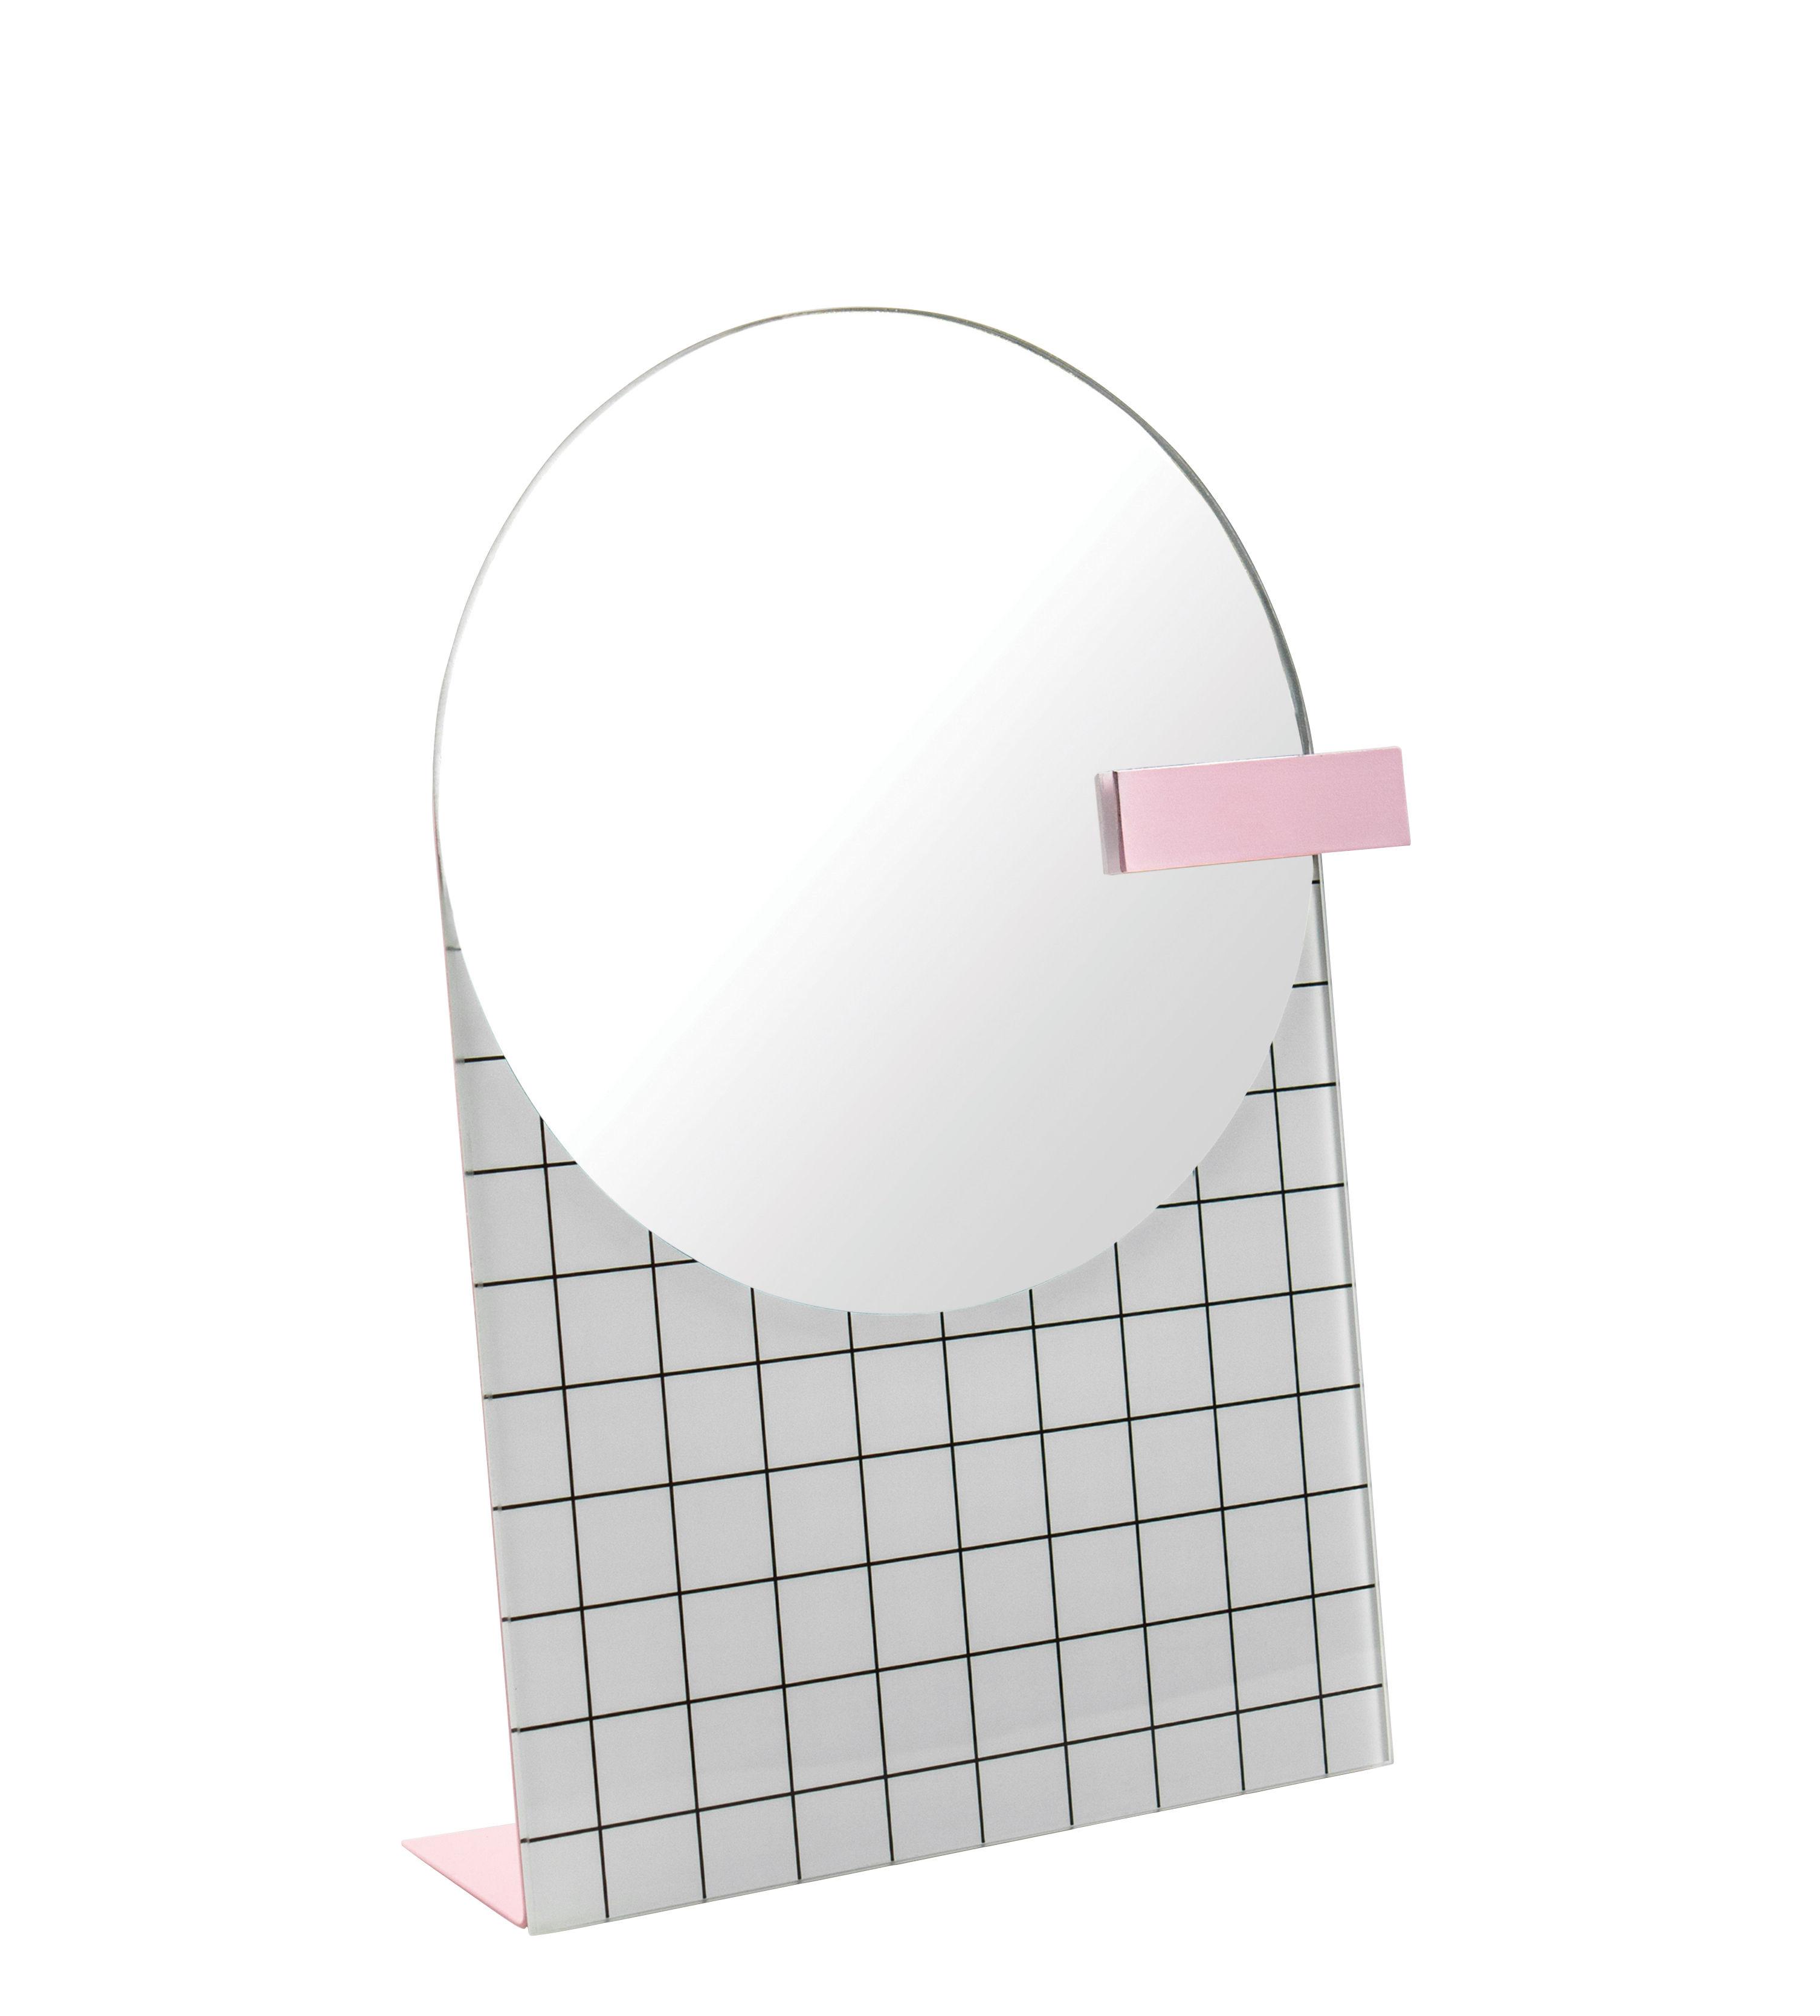 Accessoires - Accessoires salle de bains - Miroir à poser The Pool / L 20 x H 27 cm - Doiy - Blanc & Rose - Fer, Miroir